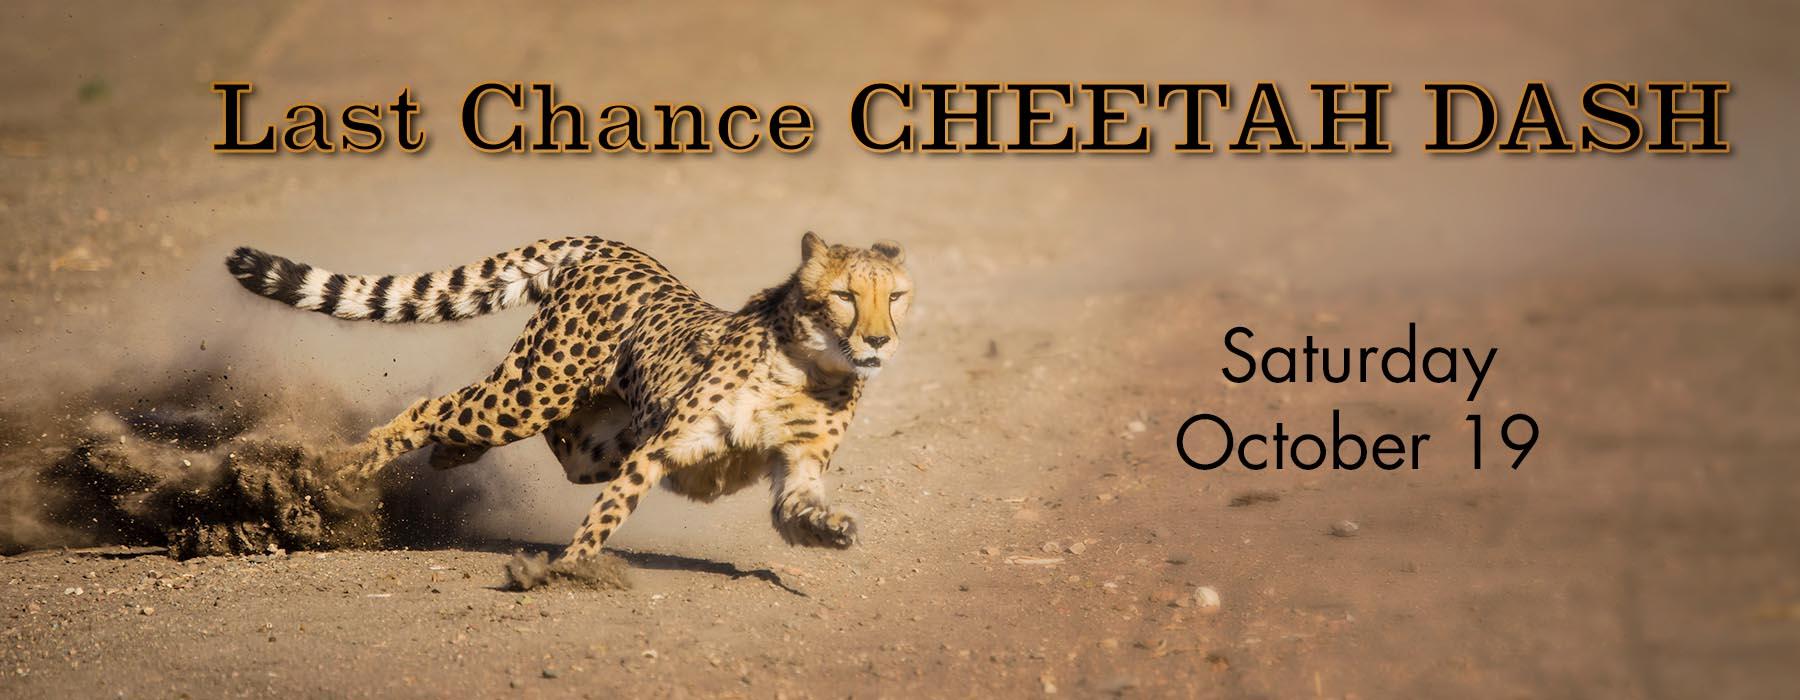 Last Chance Cheetah Dash